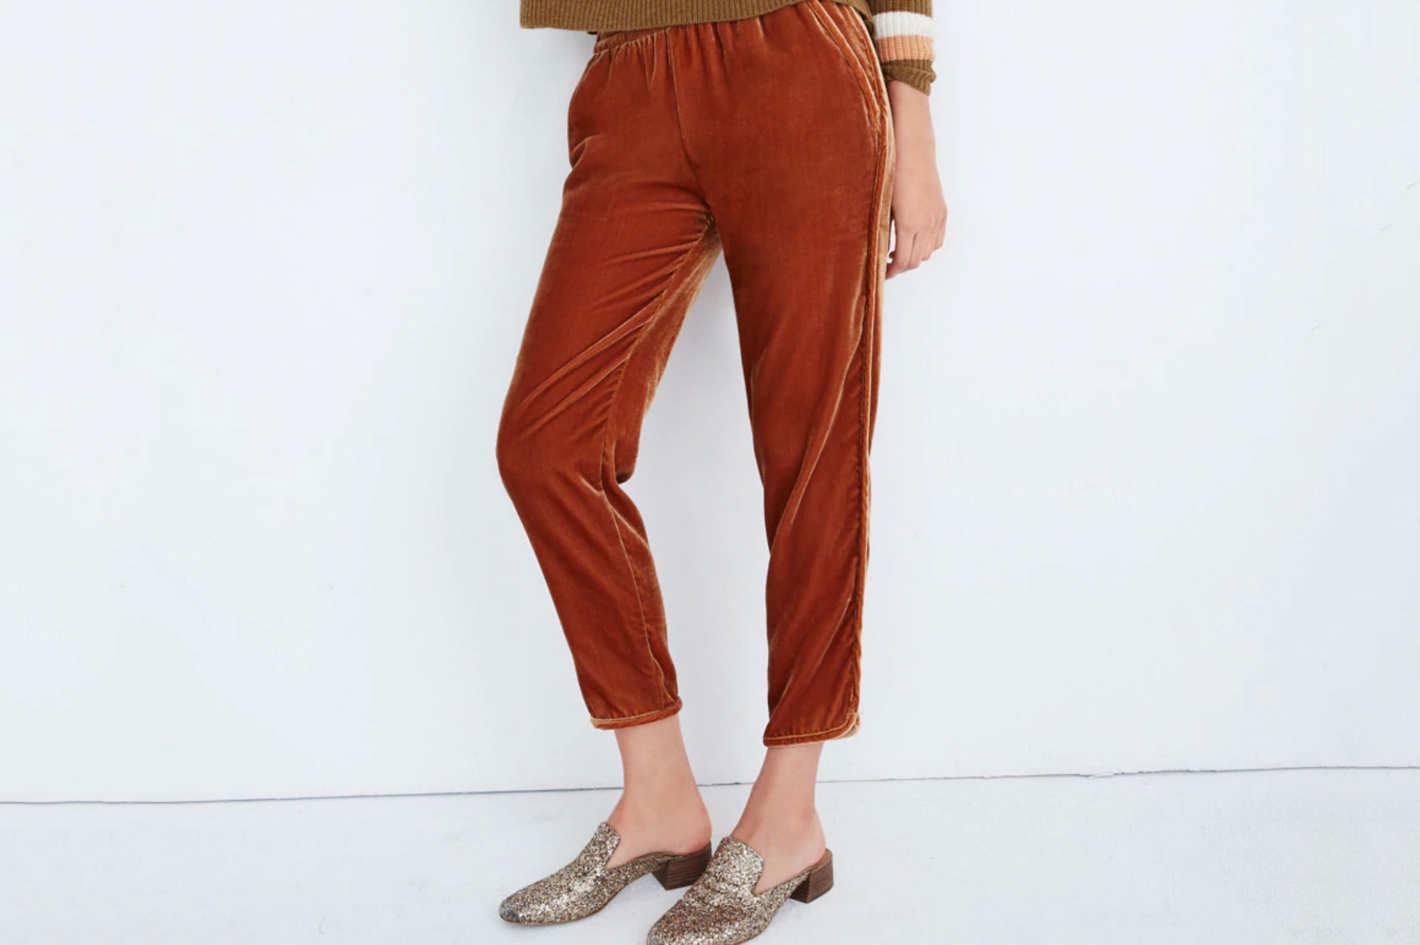 Madewell Track Trousers in Velvet